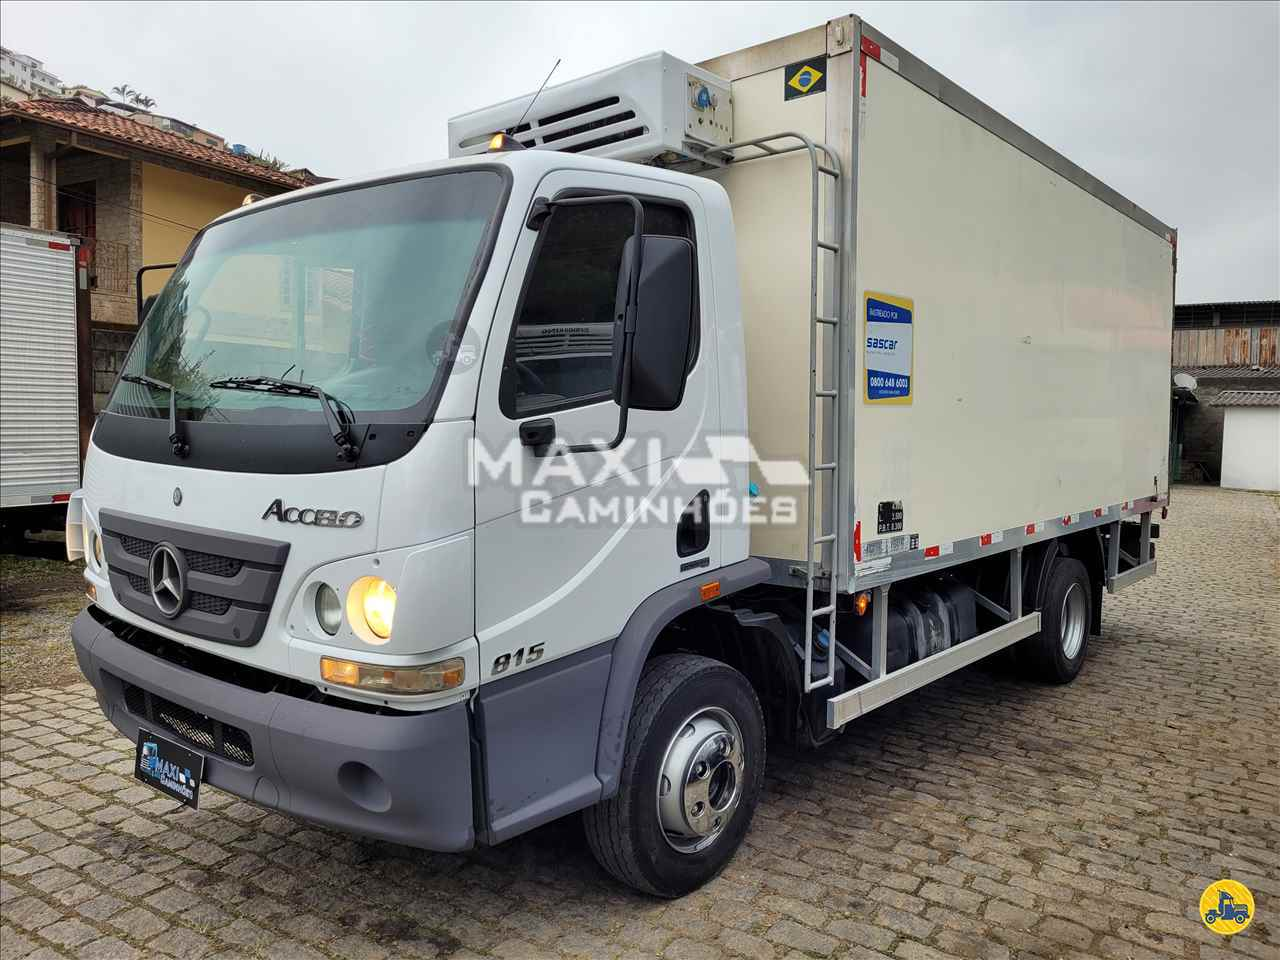 CAMINHAO MERCEDES-BENZ MB 815 Baú Frigorífico 3/4 4x2 Maxi Caminhões TERESOPOLIS RIO DE JANEIRO RJ